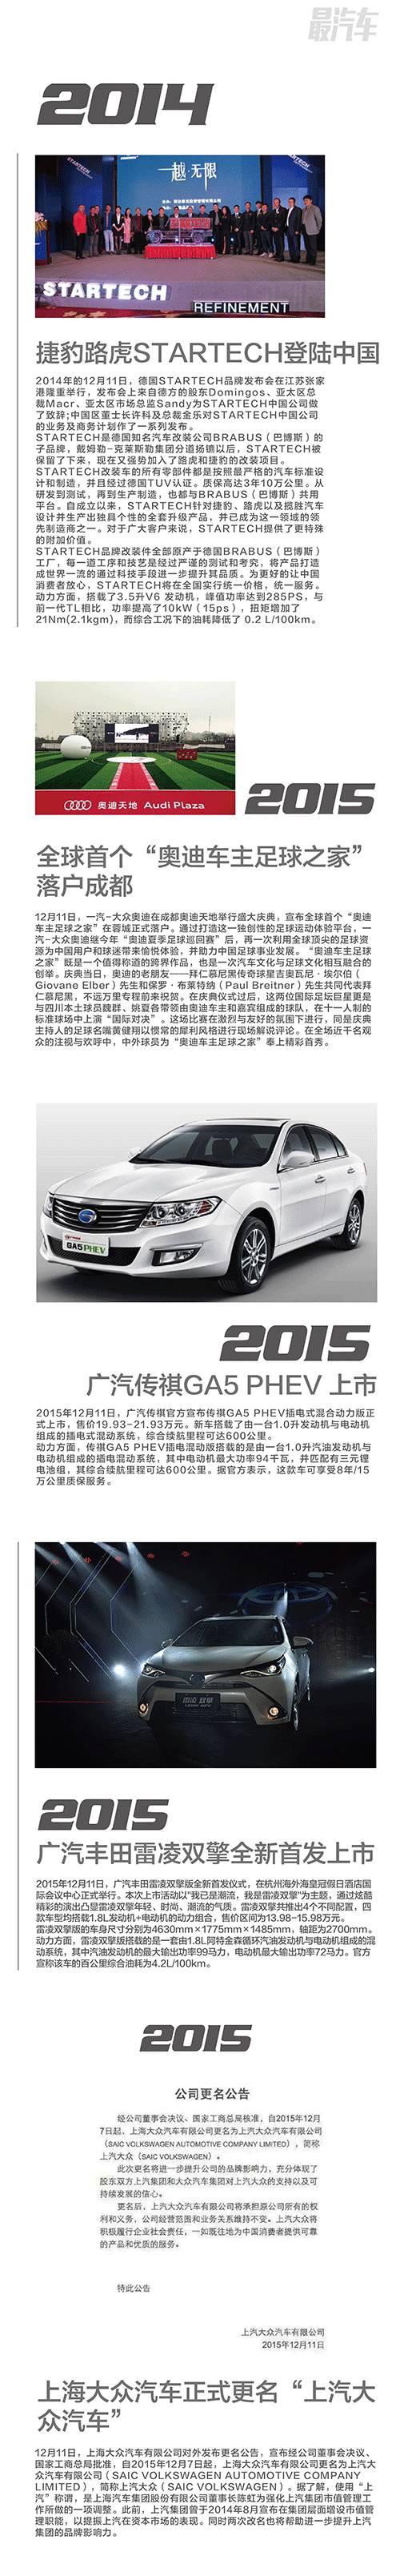 """上海大众汽车正式更名""""上汽大众汽车"""" 车史上的今天12月11日"""